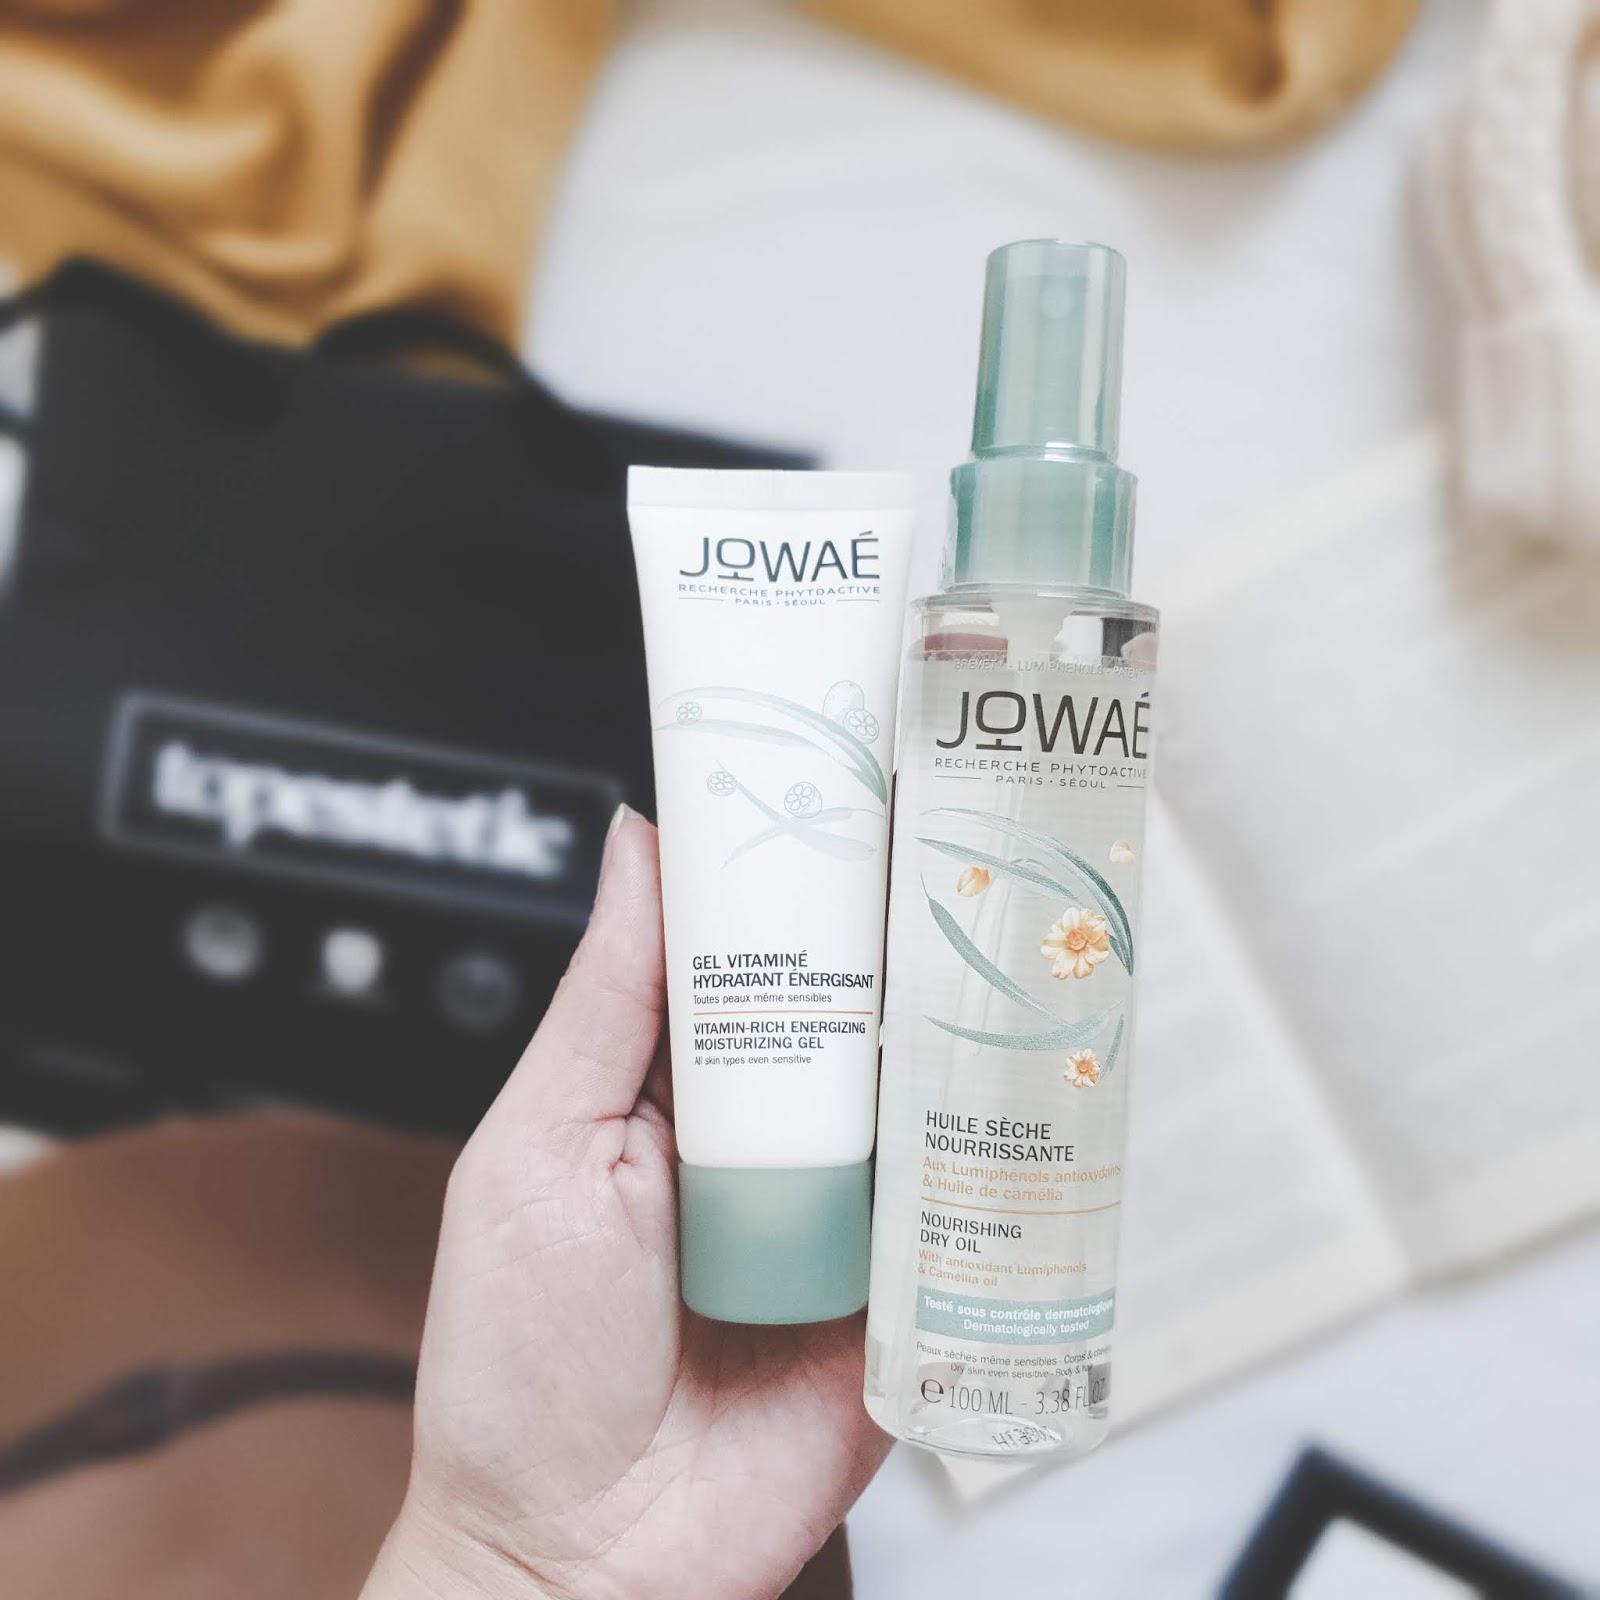 Jowae - kosmetyki naturalne ze sklepu Topestetic.pl - suchy olejek i witaminowy żel do twarzy